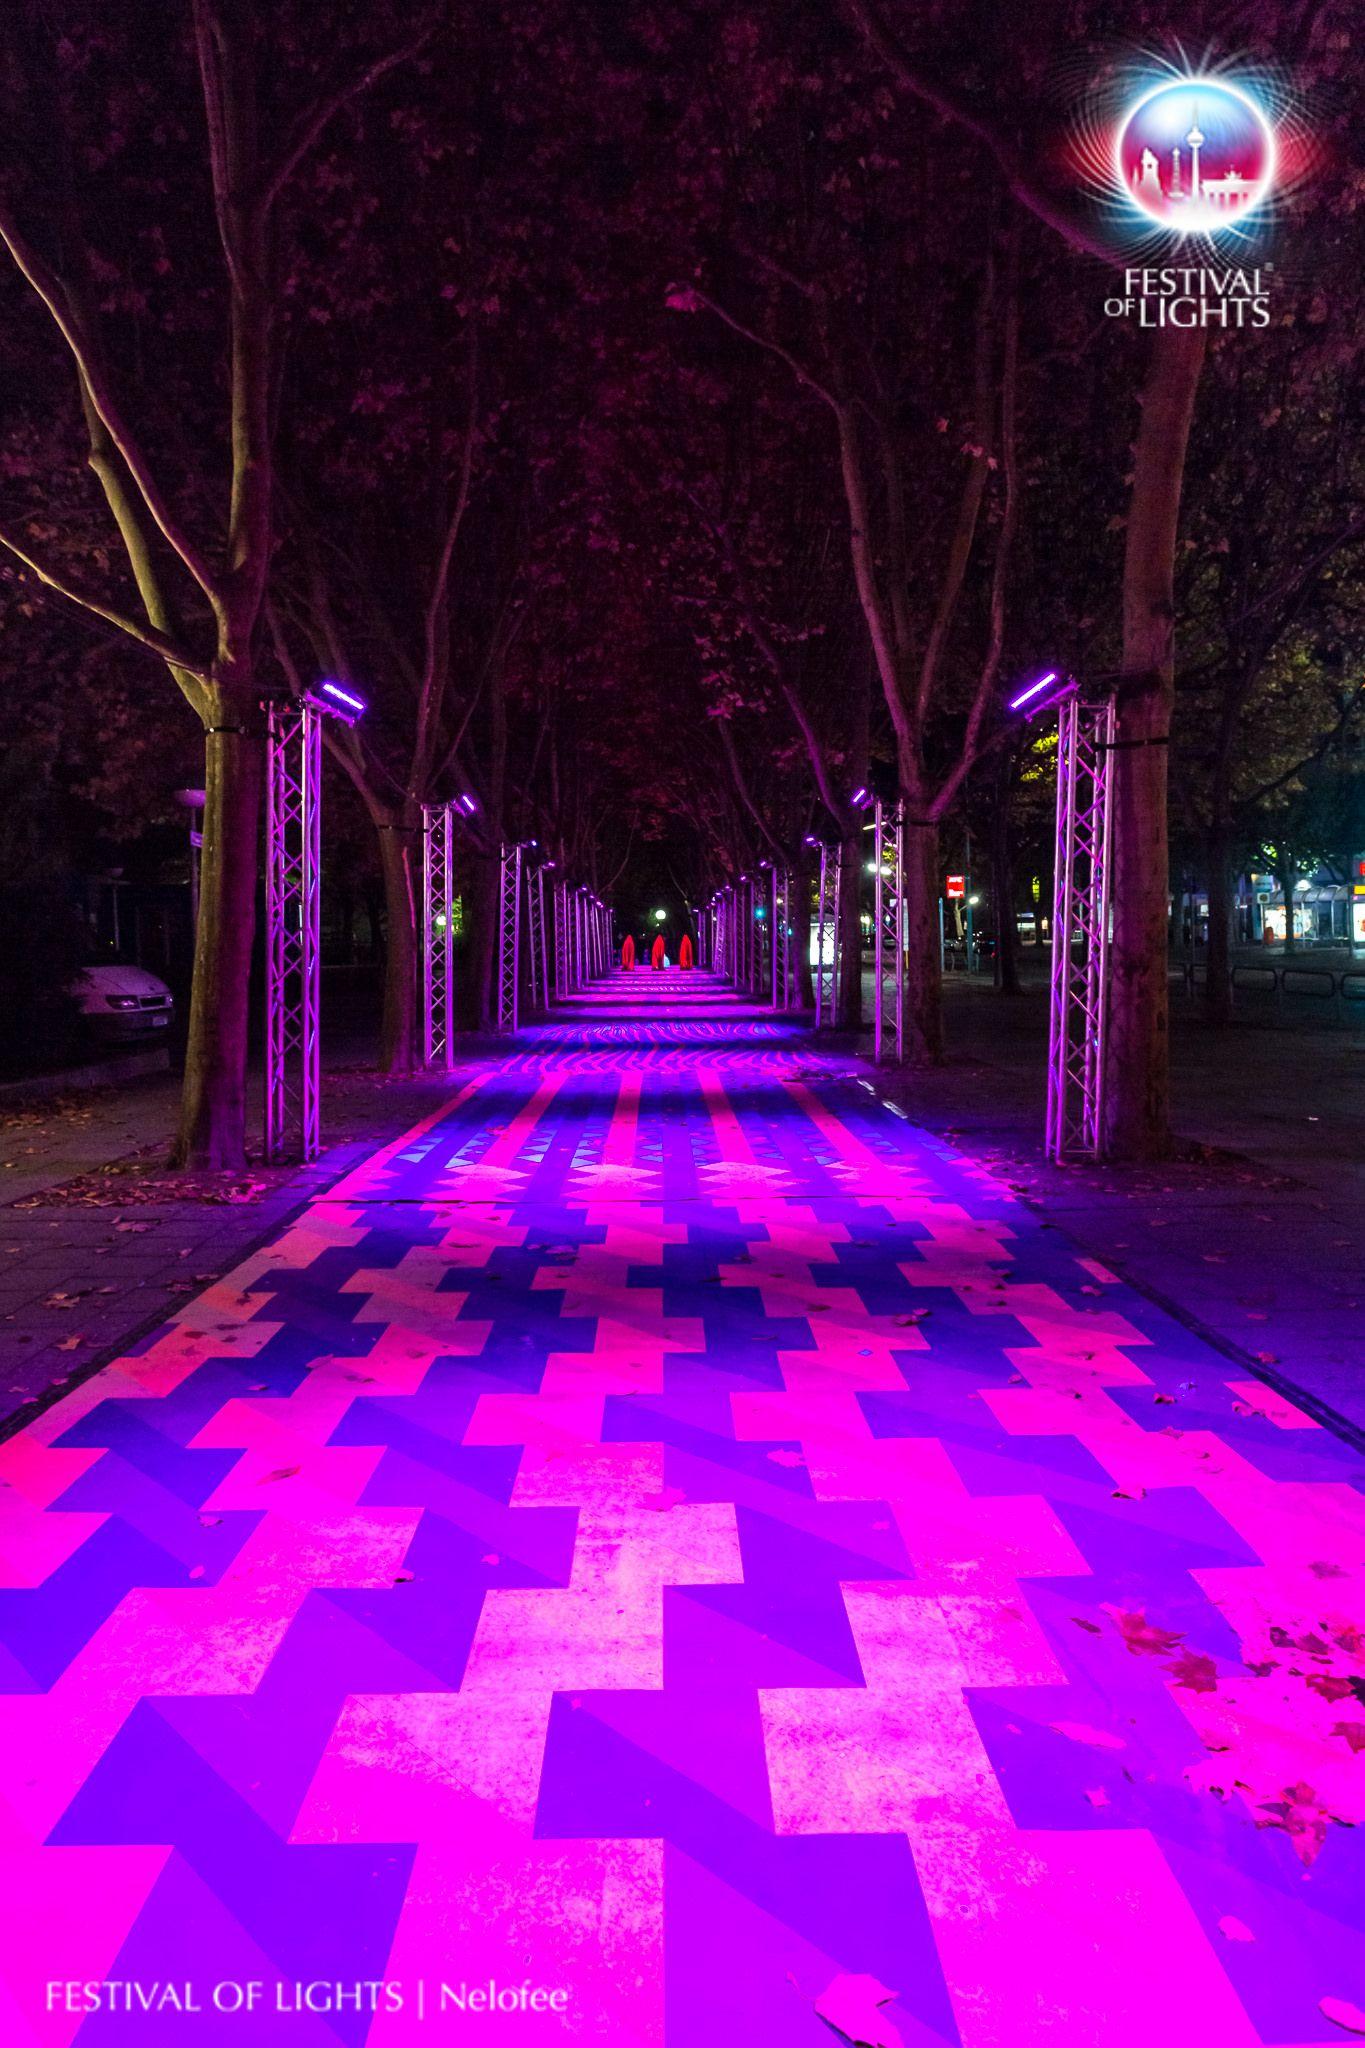 https://flic.kr/p/MDkLtE | Märkisches Viertel @ FESTIVAL OF LIGHTS 2016 | Märkisches Viertel during the Festival of Lights 2016. Different light installations and a visit of the Guardians of Time by Manfred Kielnhofer  #Berlin #FestivalofLights #FoL #GuardiansofTime #Illumination #KiezimLicht #Lichtkunst #Lighting #Lightseeing #Manfred Kielnhofer #Nelofee #Oktober #Sight #Sightseeing #Skulptur #Stadtviertel #VisitBerlin #Zander&Partner #märkischesviertel #Wächter der Zeit #GESOBAUAG